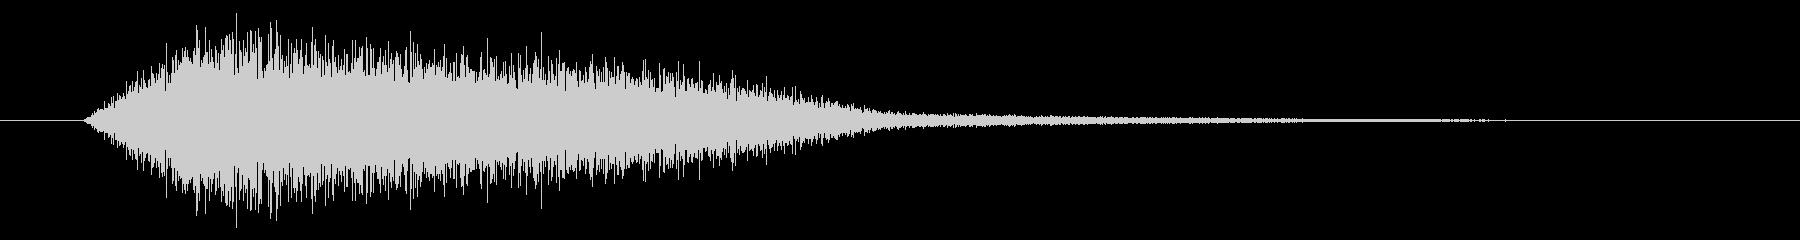 シュー↑/変化/実験の未再生の波形